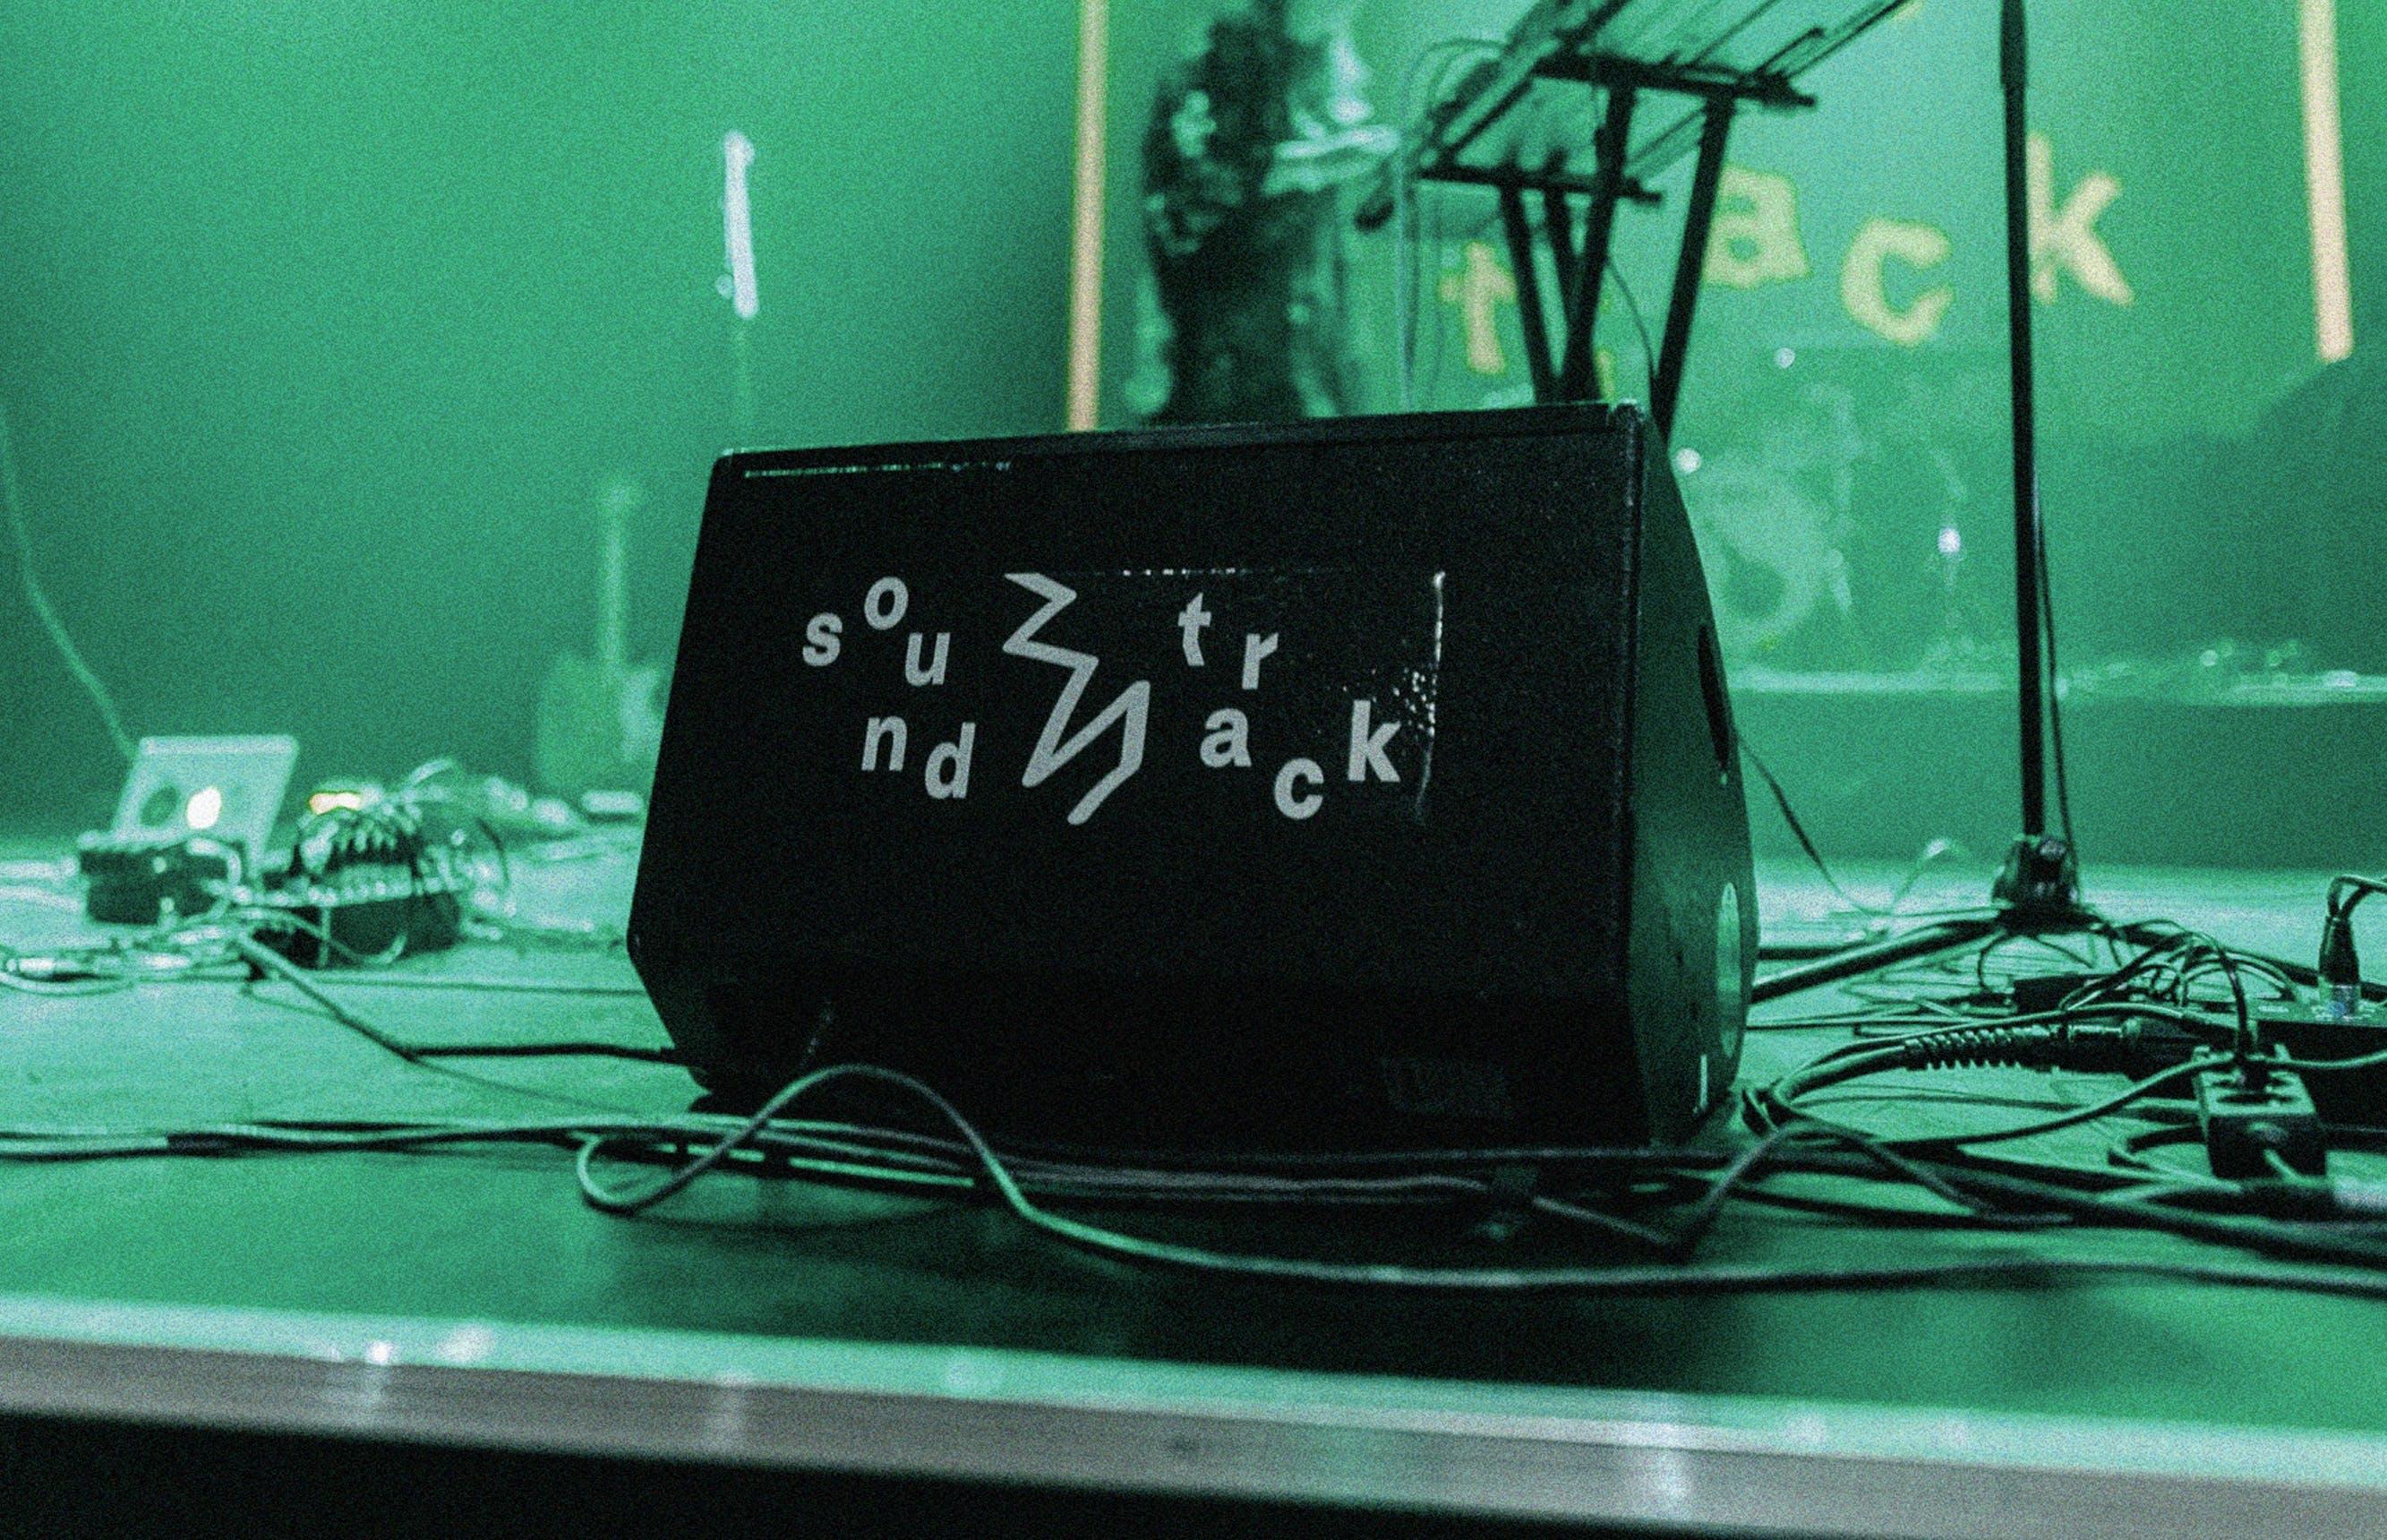 Sound Track selecteert voor de tweede keer de sound van morgen